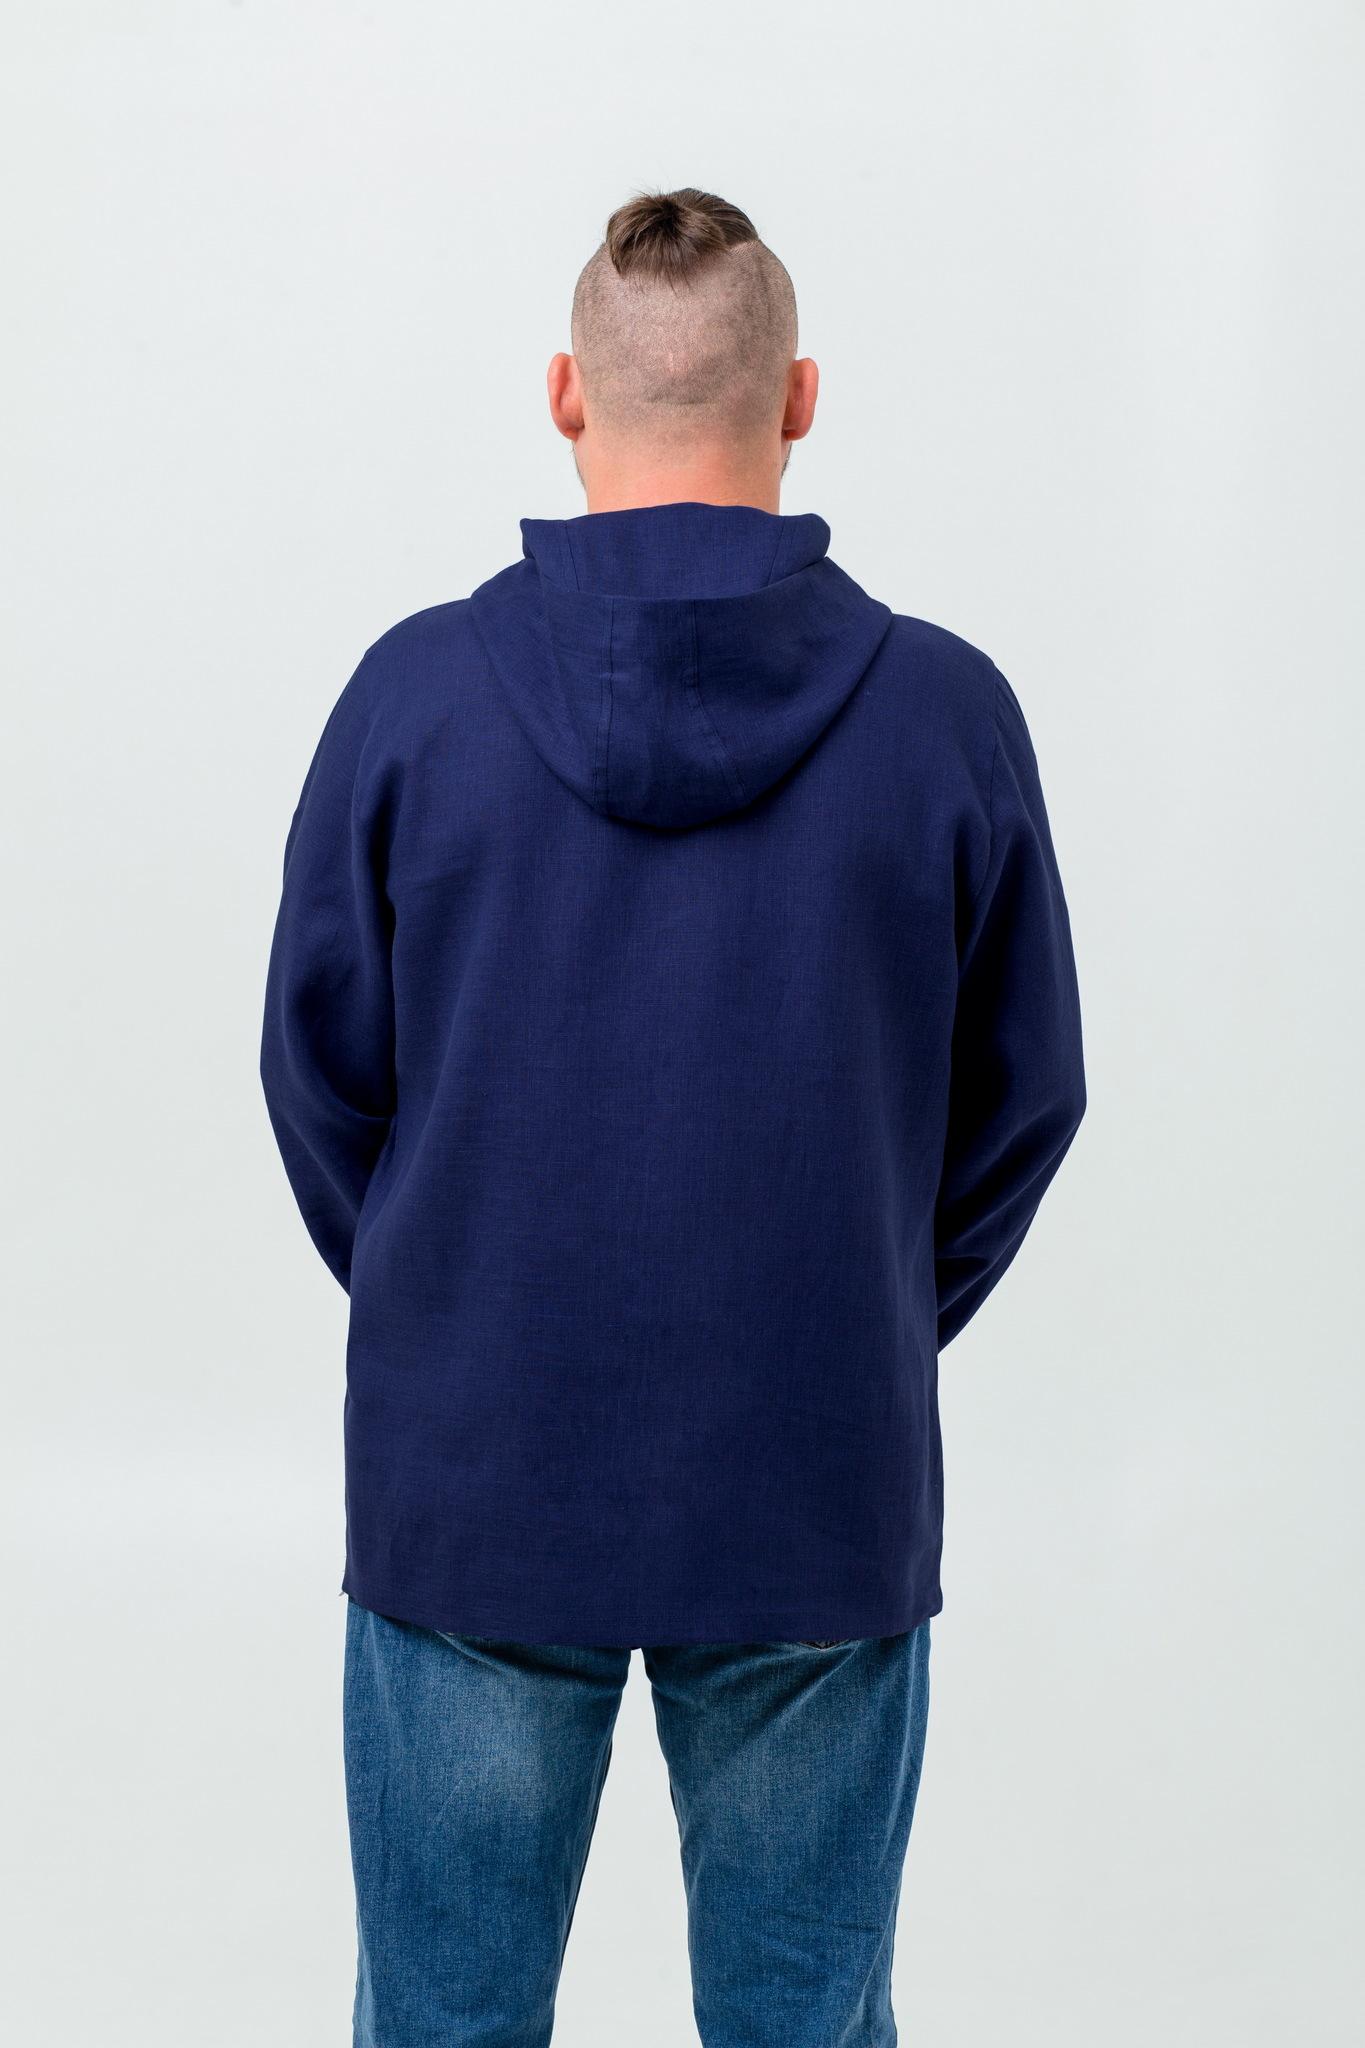 Рубаха мужская Кузнец счастья из льна